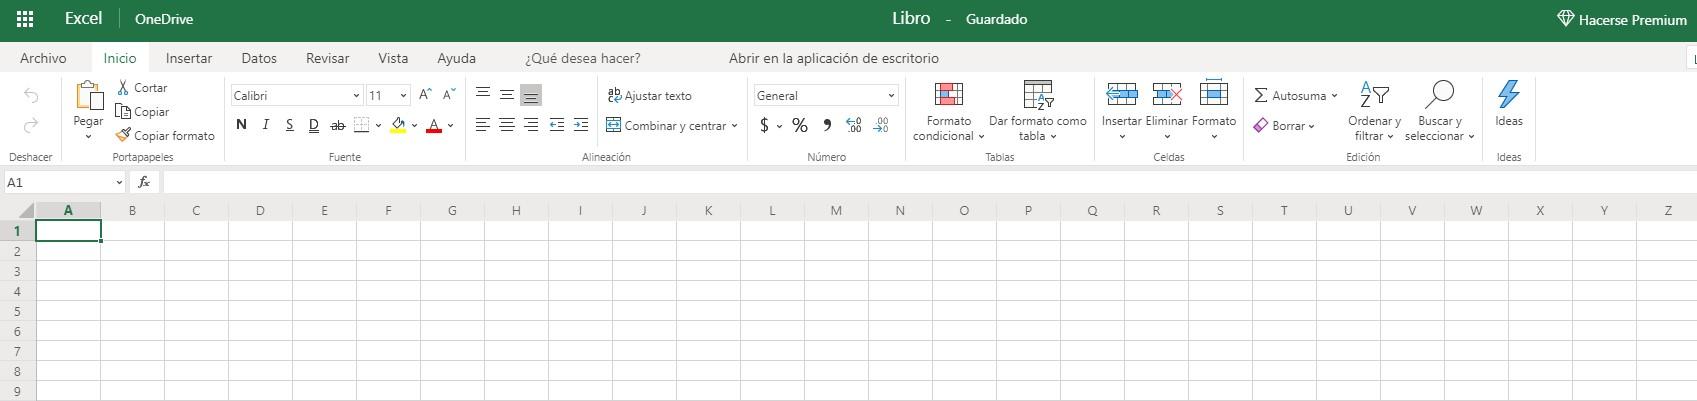 Excel gratuito basado en navegador